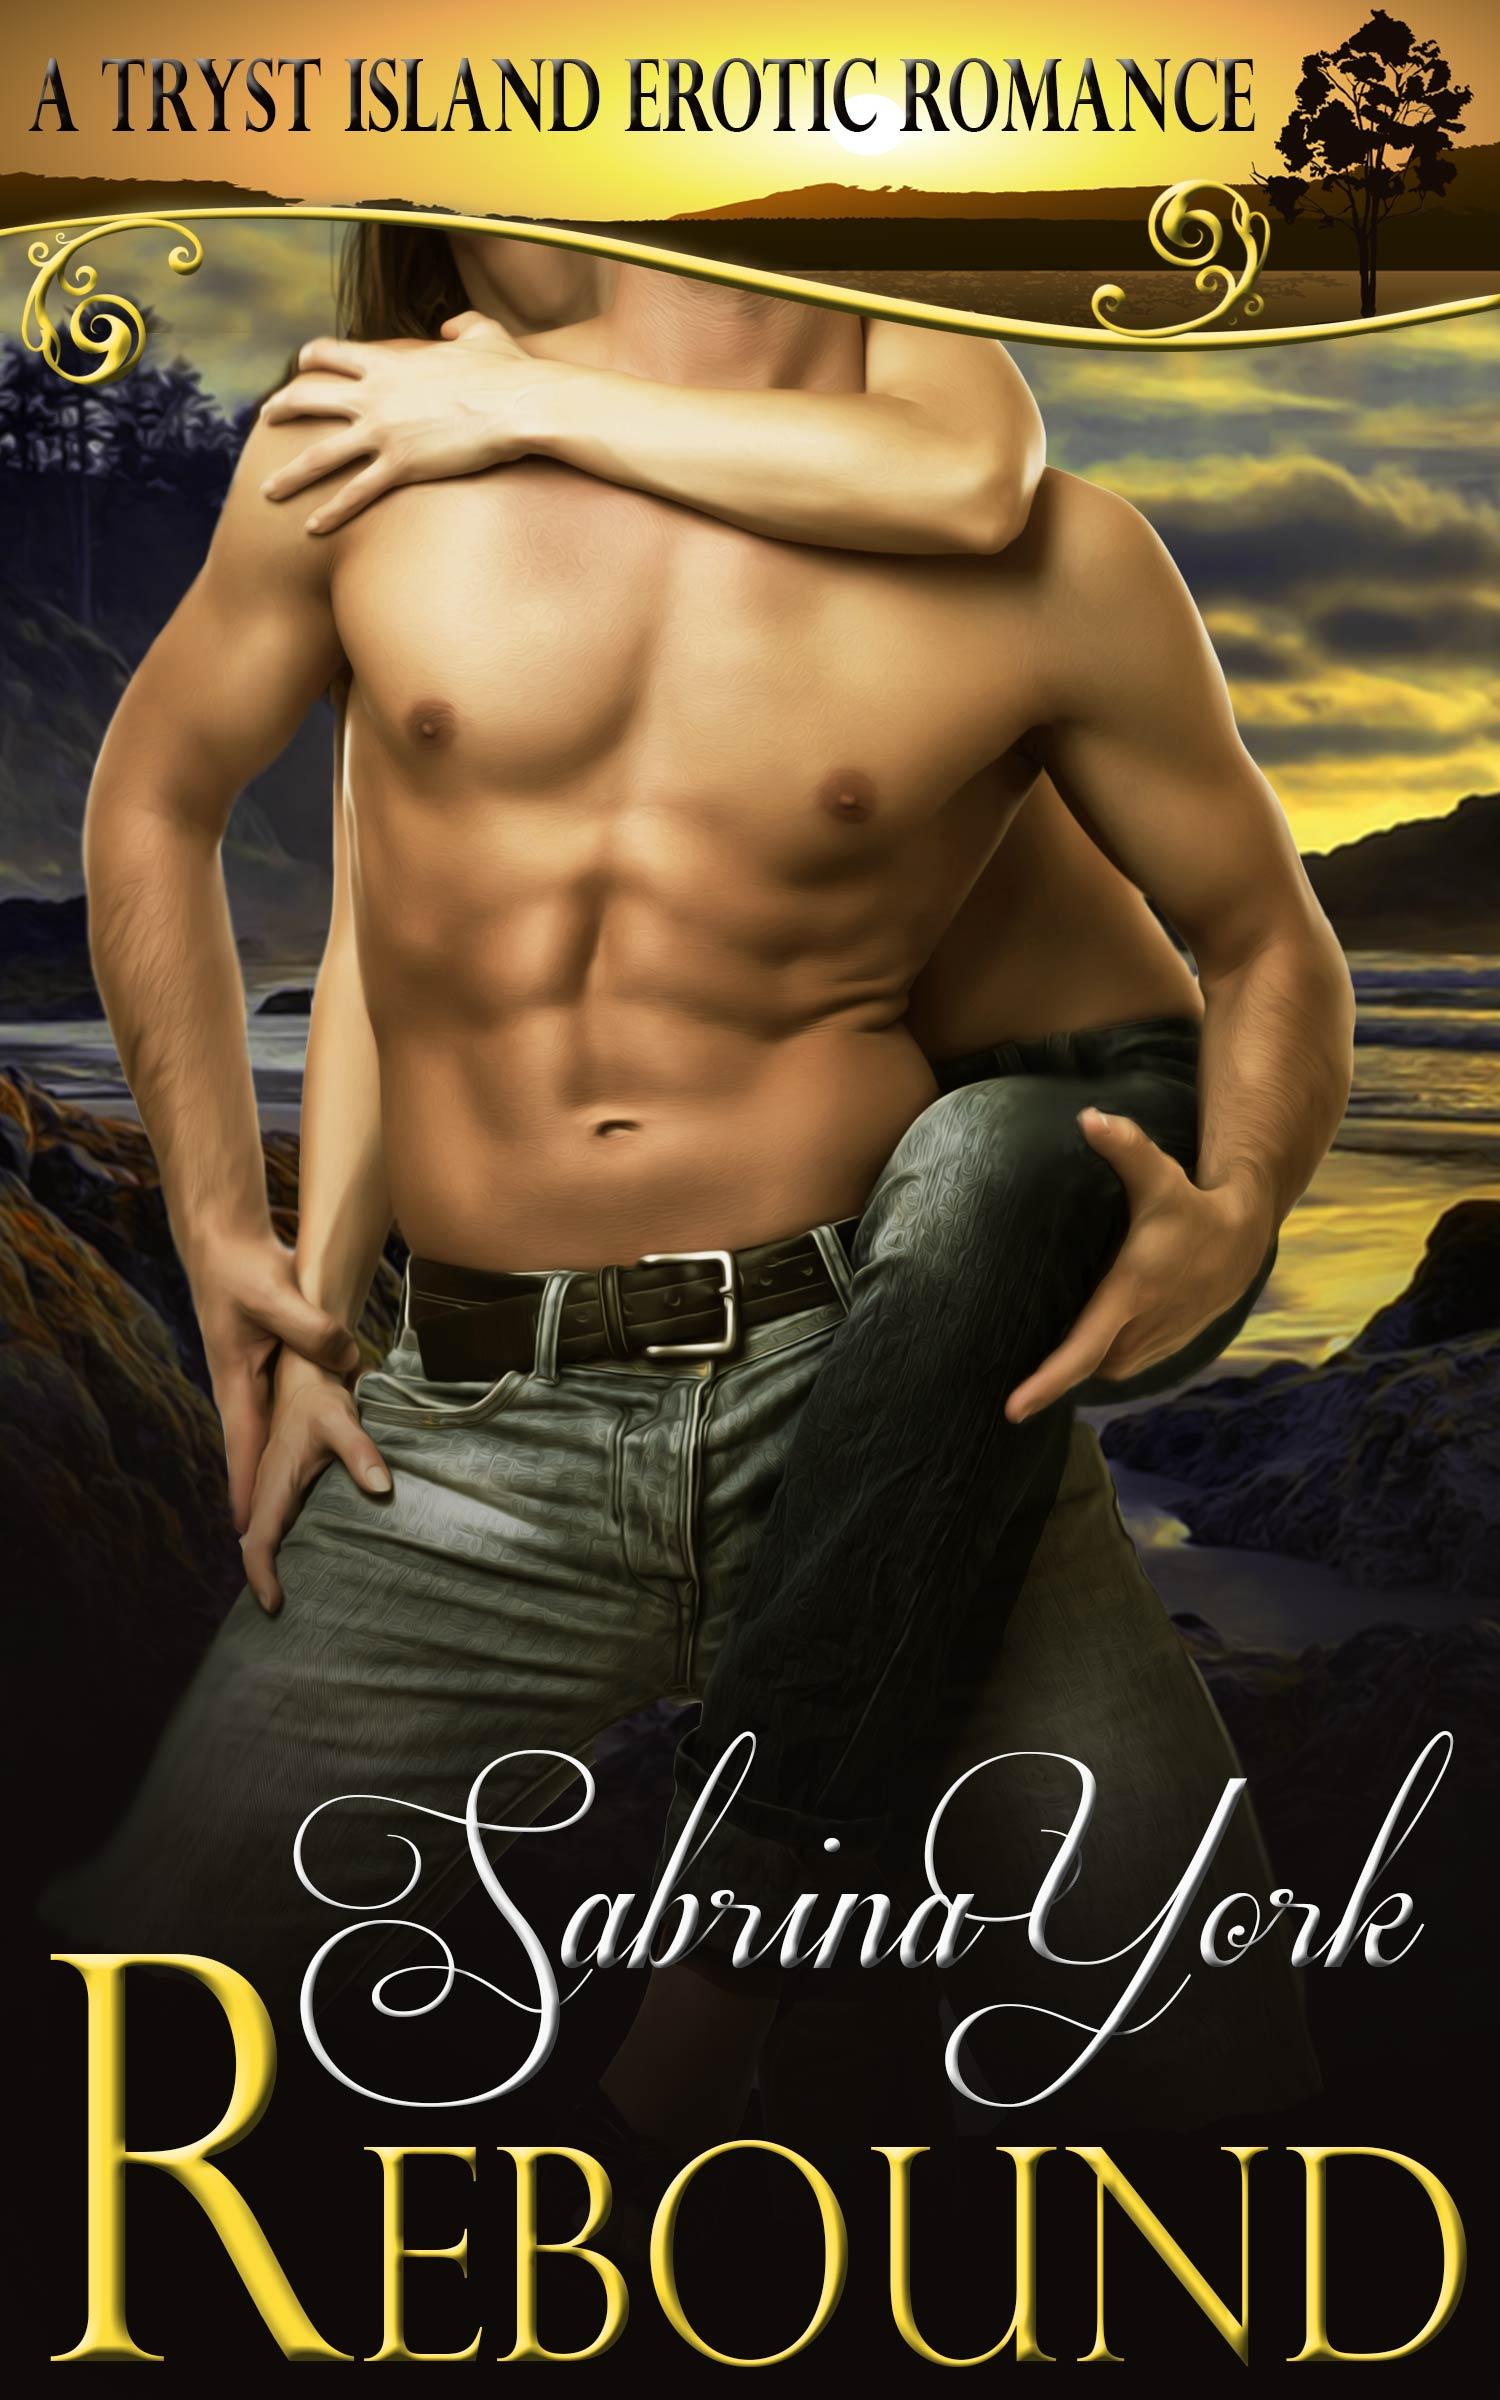 Rebound by Sabrina York